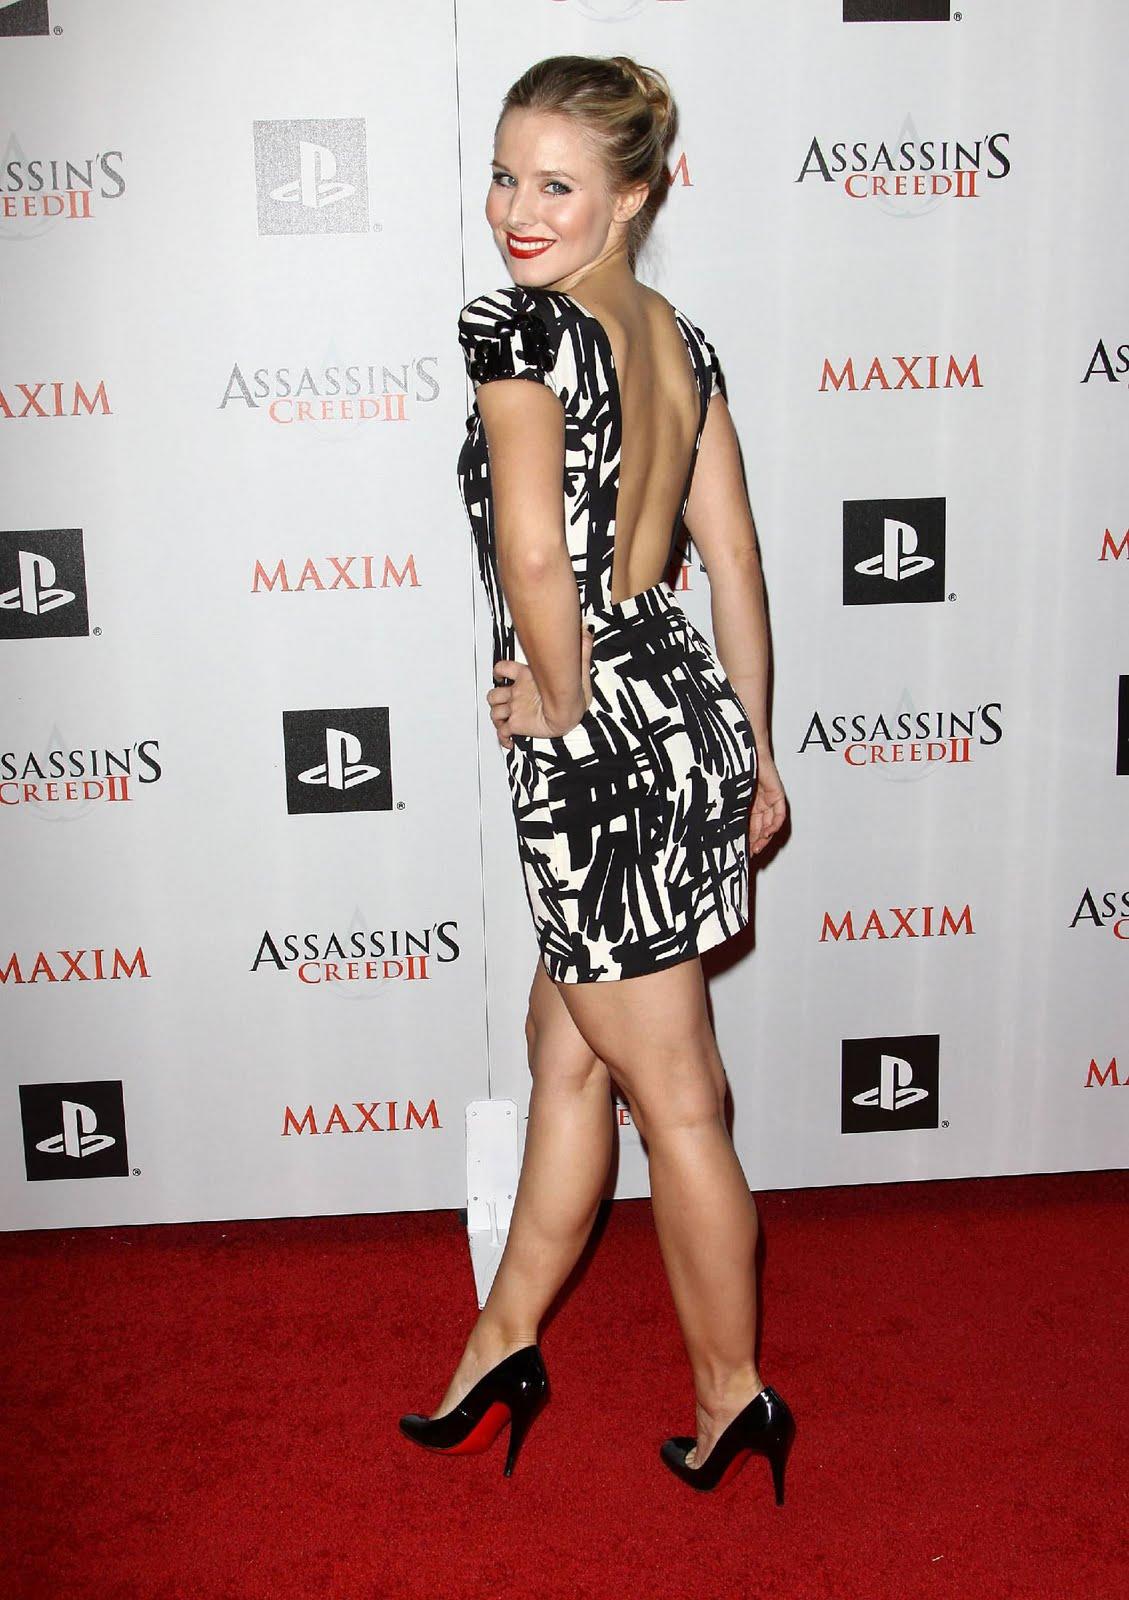 http://2.bp.blogspot.com/_VvCaQlz5Gvs/TC8GP6nl4-I/AAAAAAAABww/V5POLmeRr_U/s1600/kristen-bell+sexy+legs.jpg